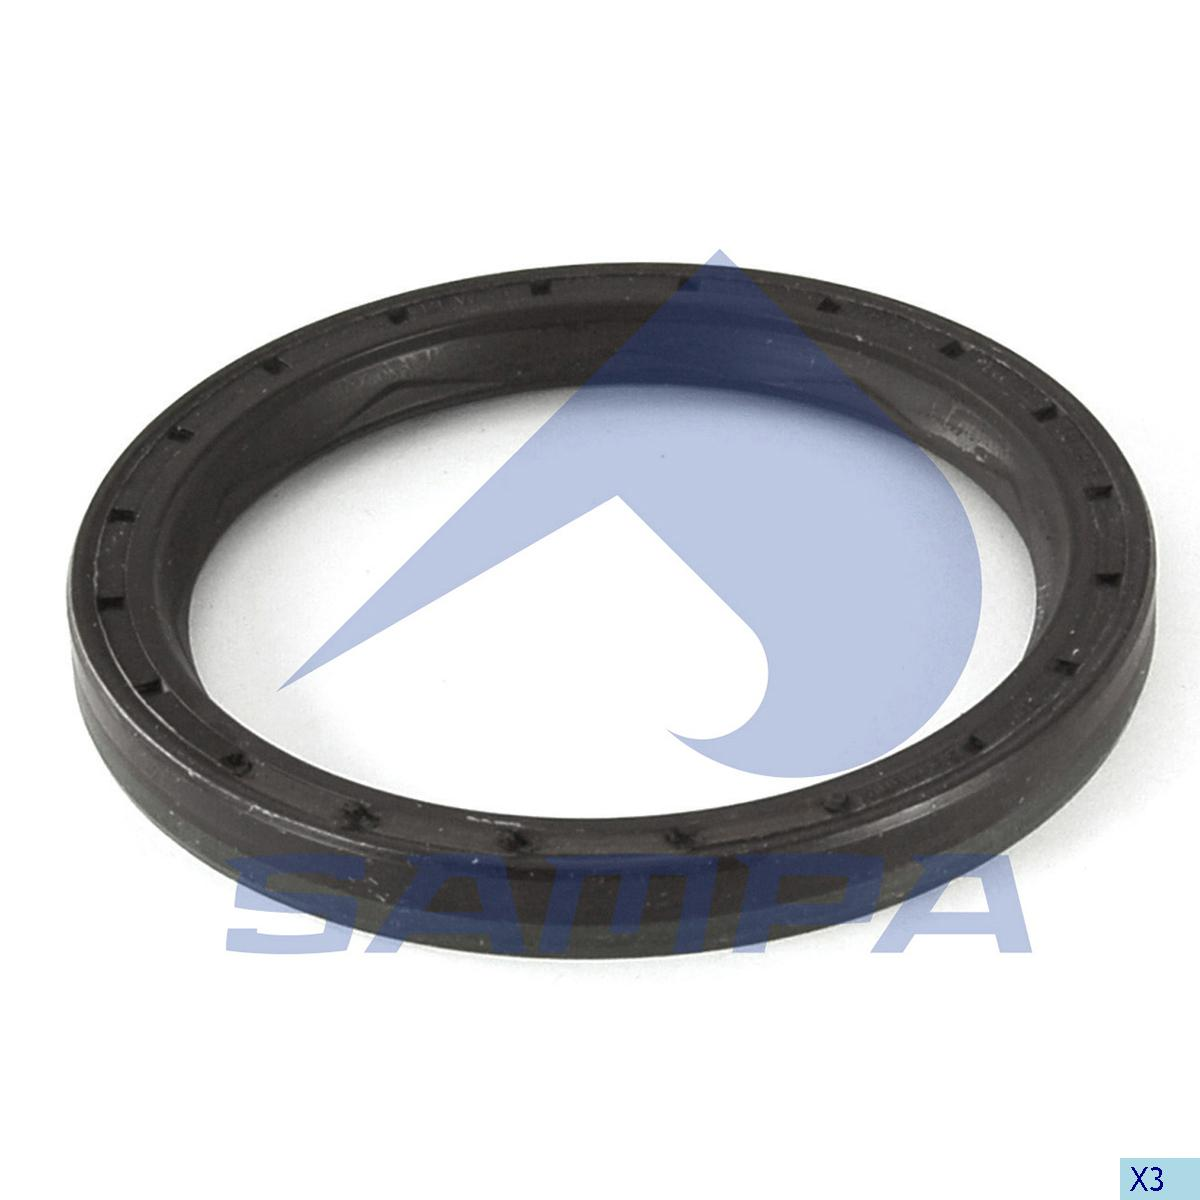 Seal Ring, Gear Box Housing, Mercedes, Gear Box